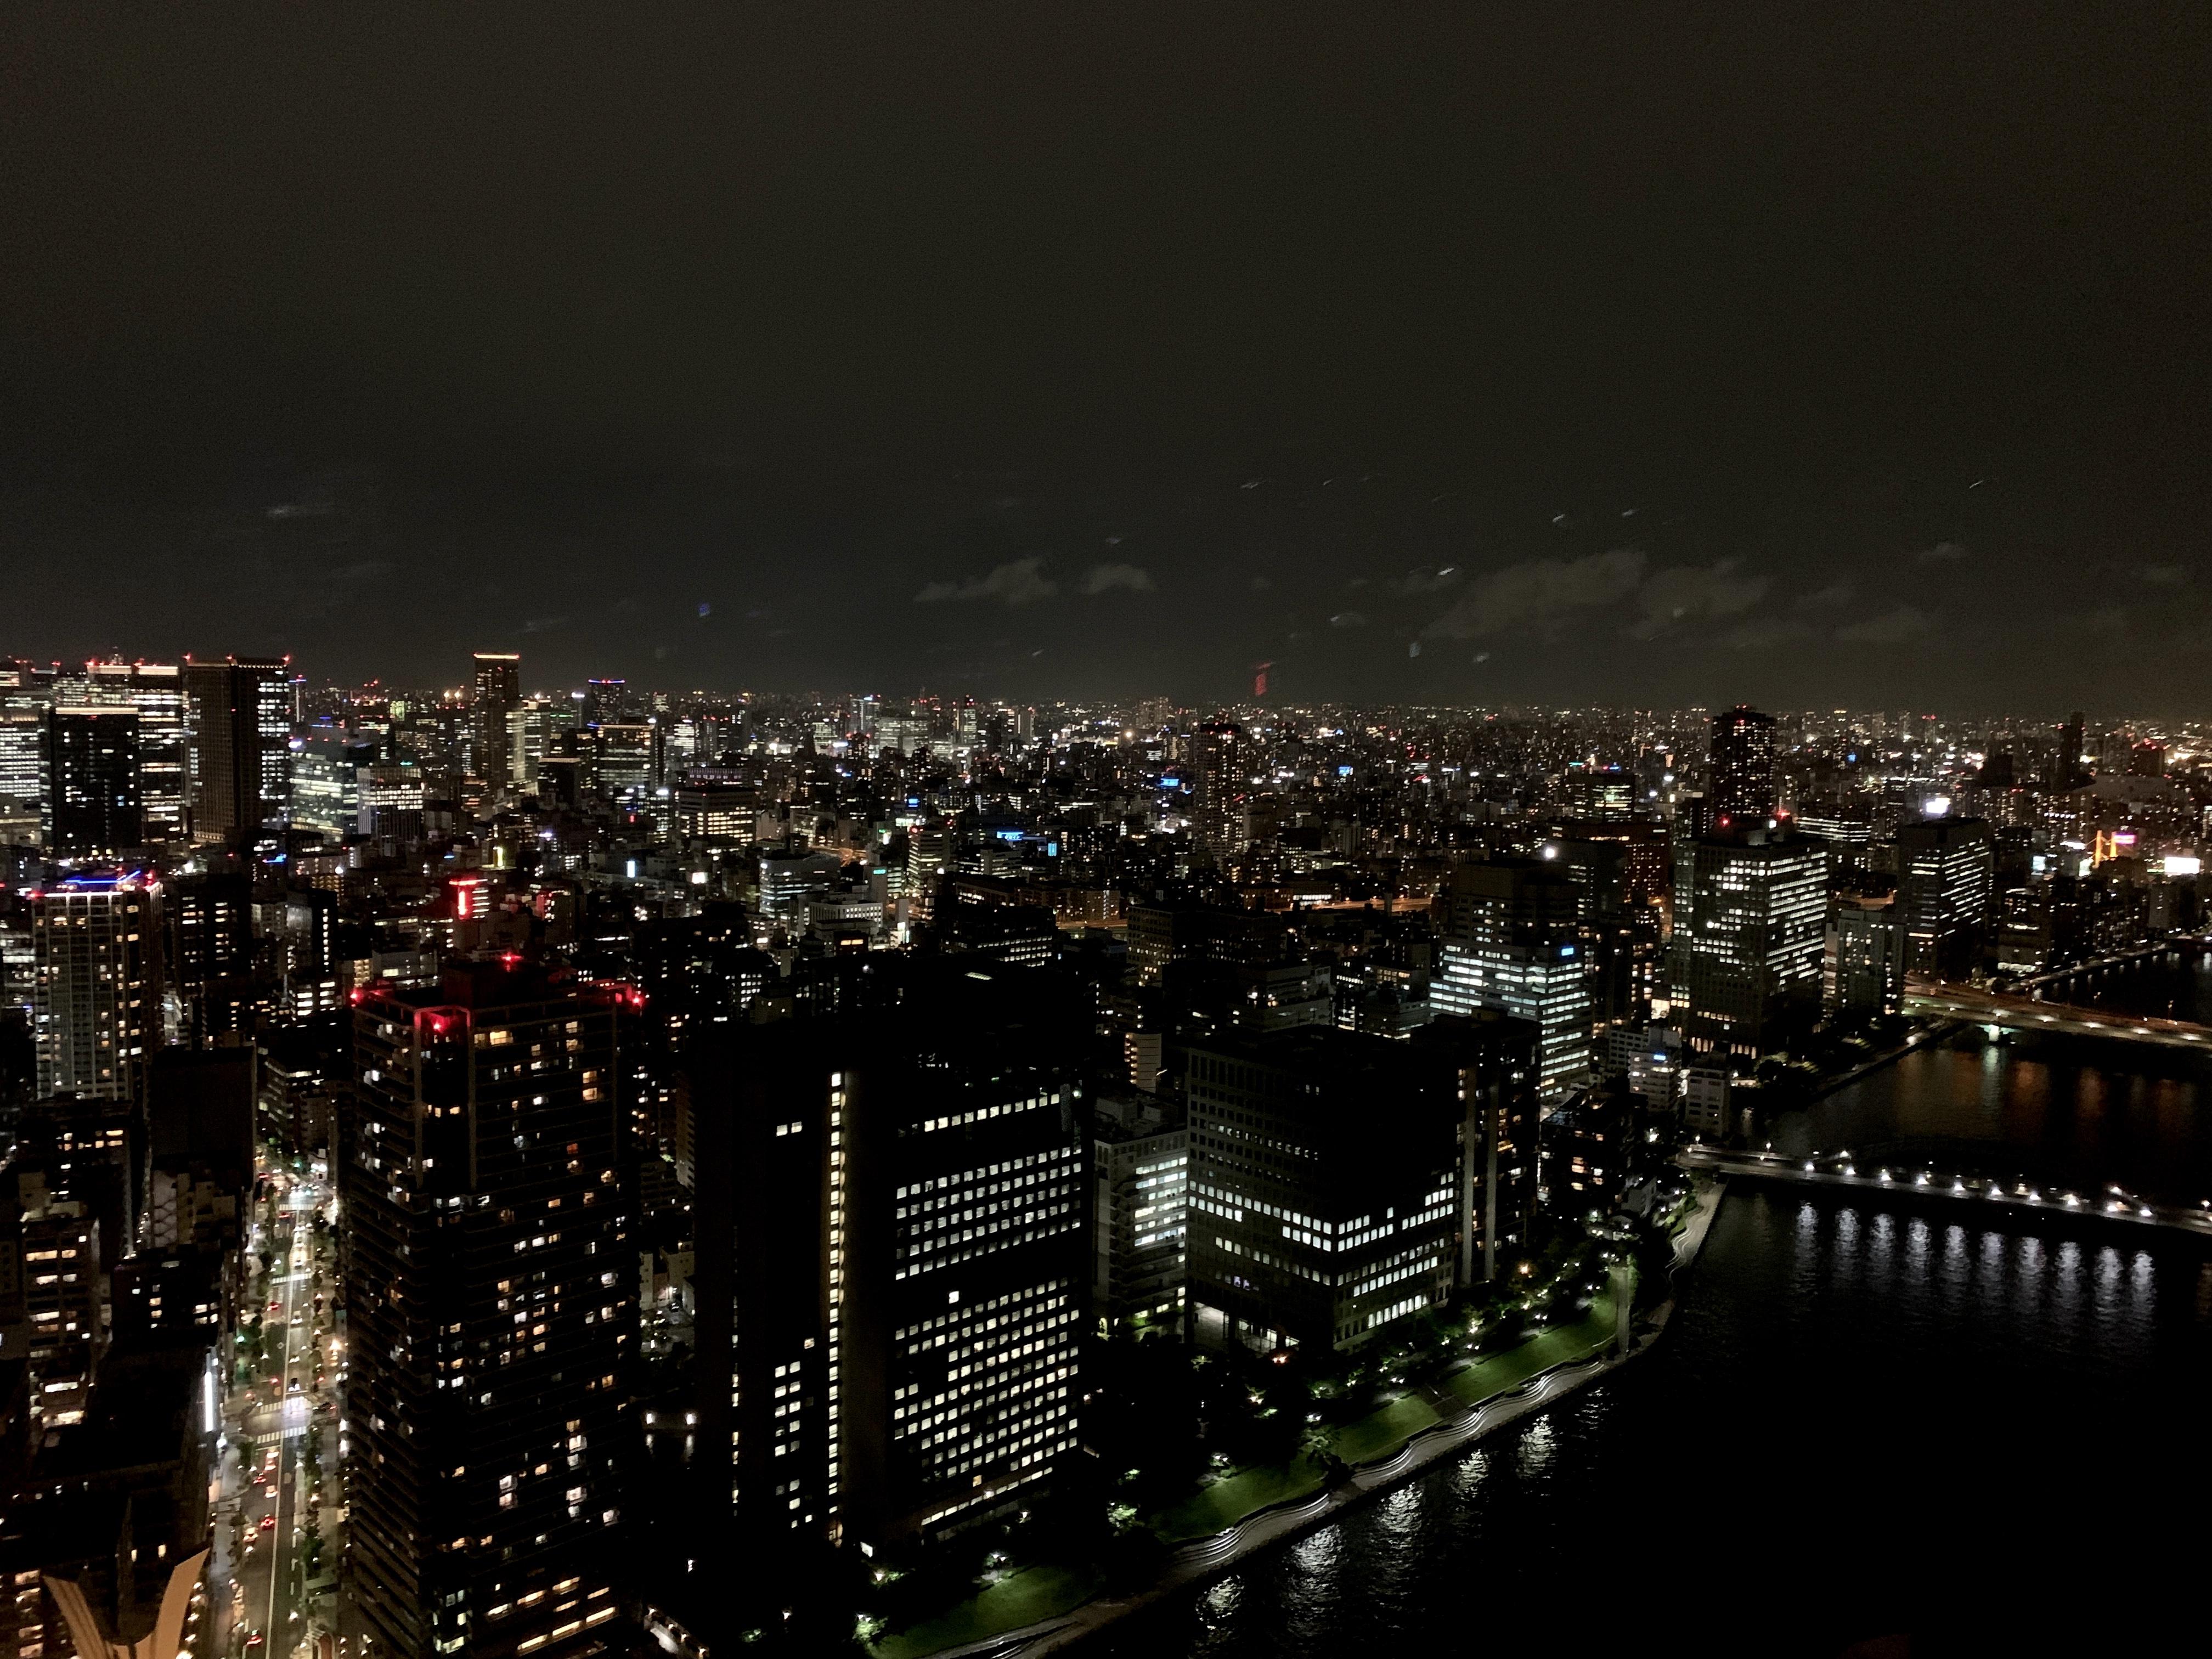 タワーマンションの素敵な風景🌃